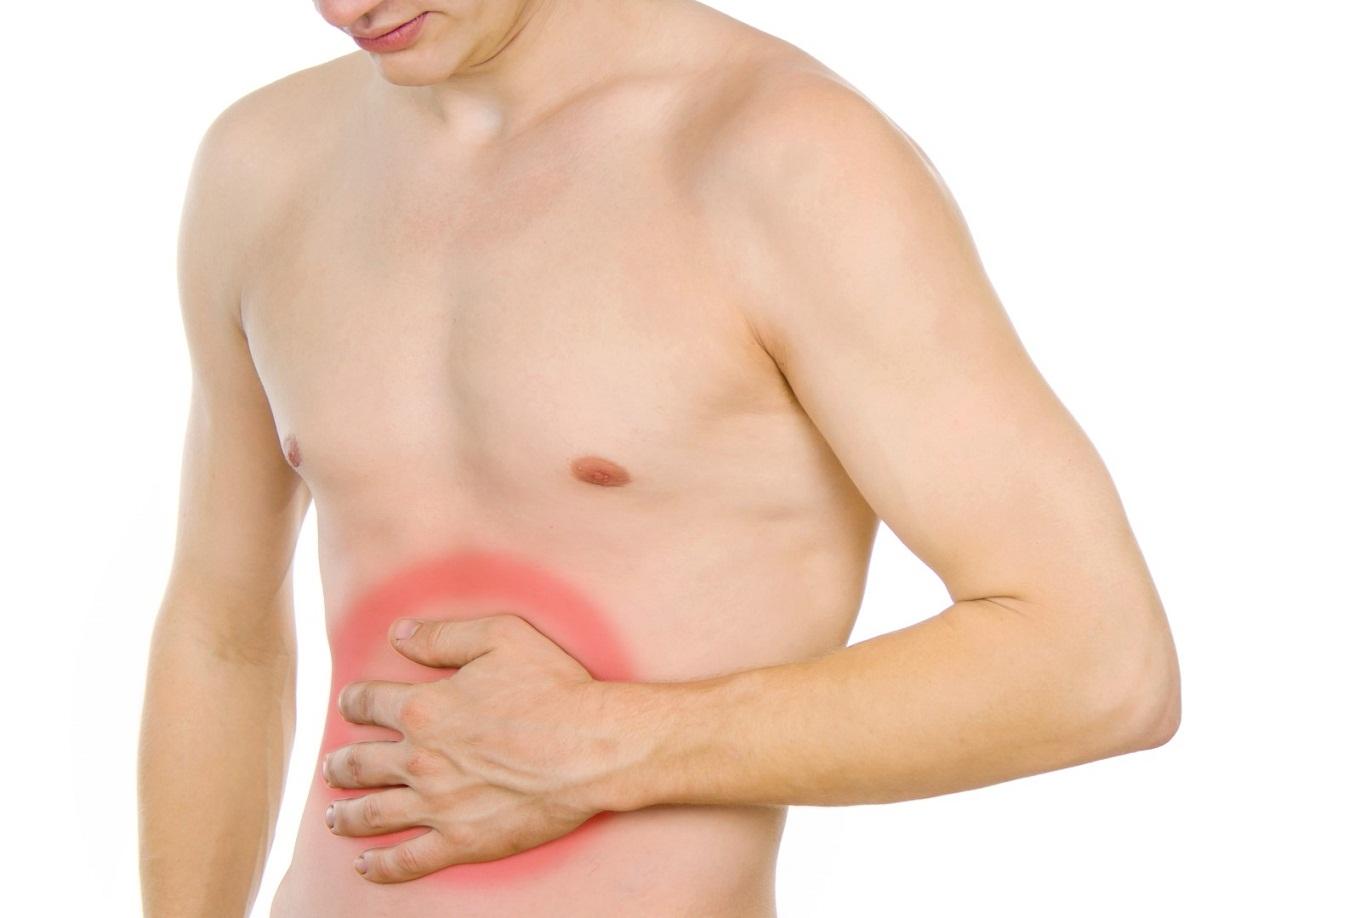 Hội chứng ruột kích thích - Viêm đại tràng co thắt